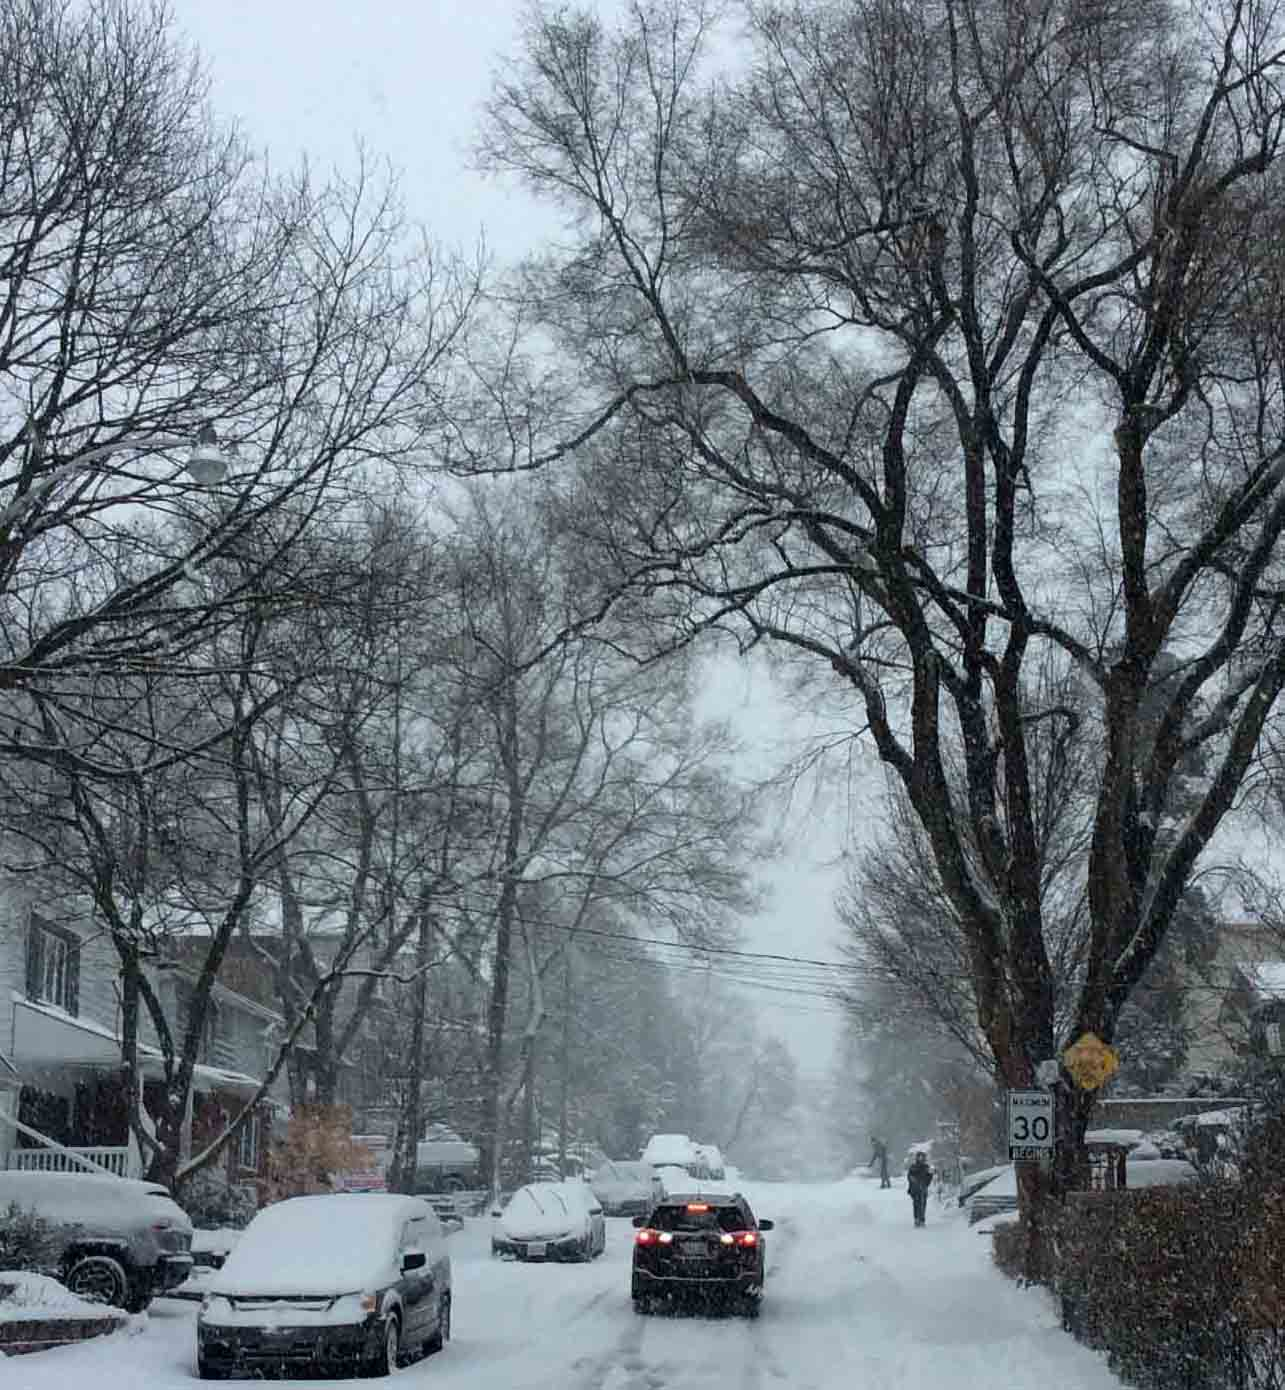 snowy street TheBeach